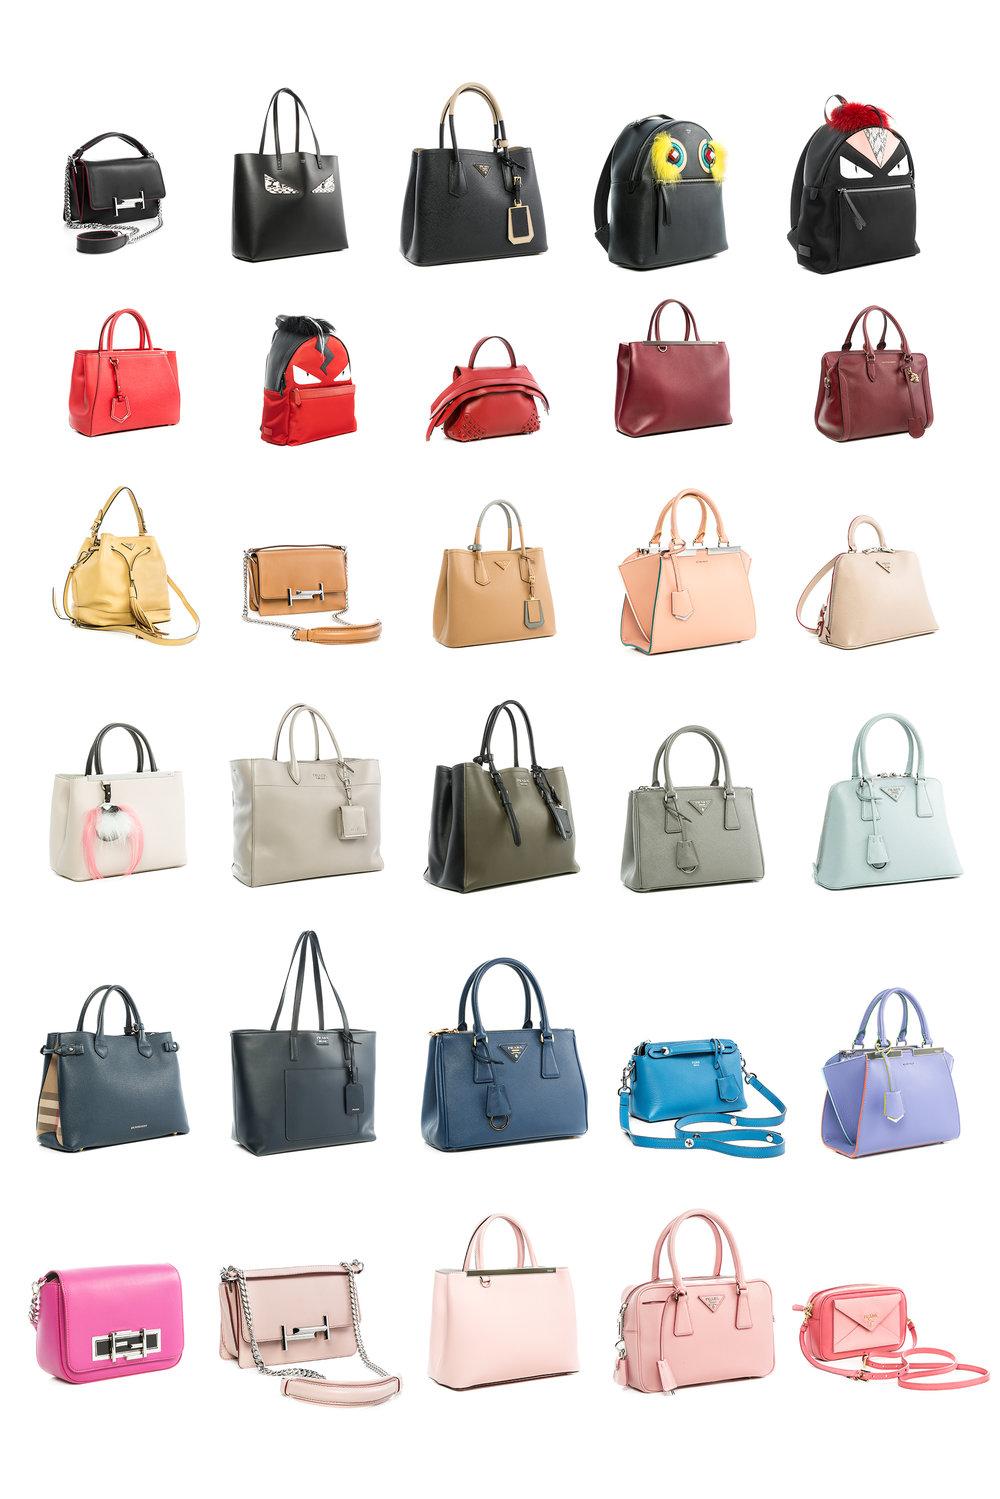 Bags layout.jpg